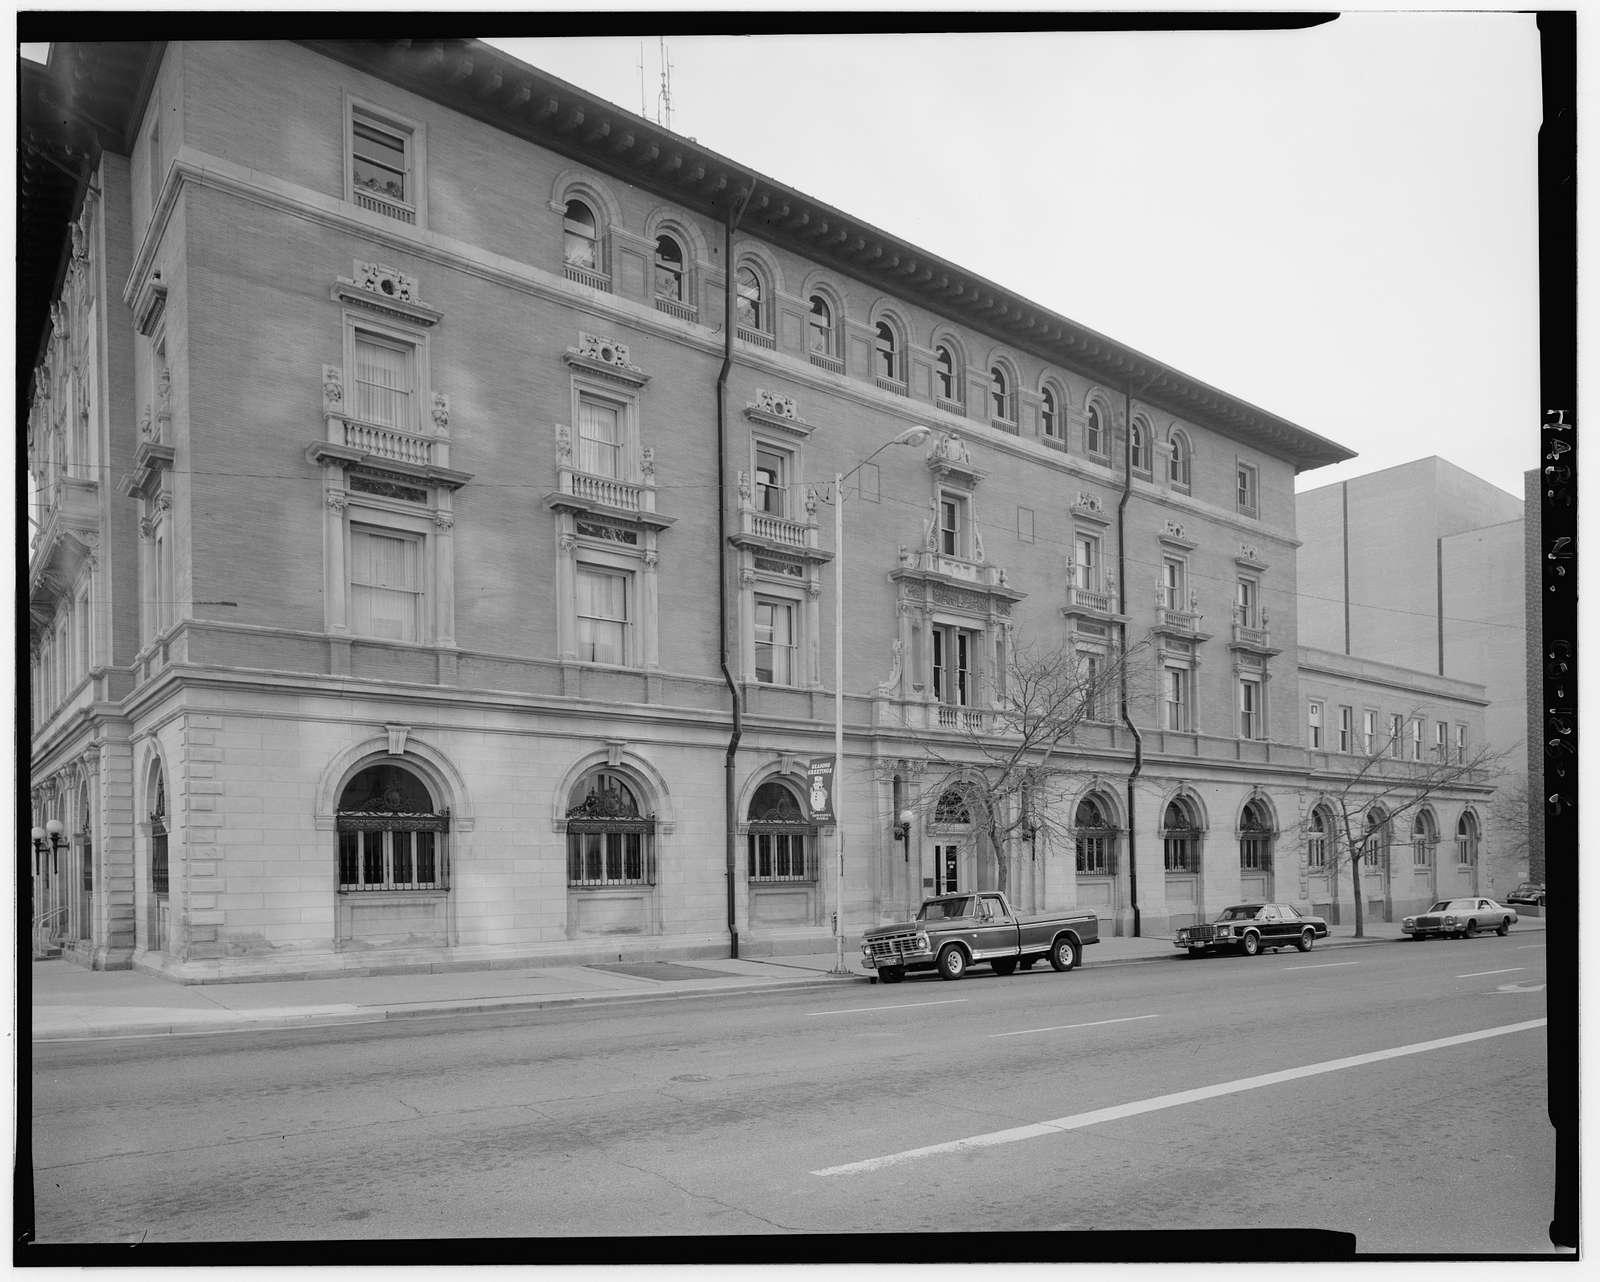 Pueblo Federal Building & Post Office, 421 North Main Street, Pueblo, Pueblo County, CO